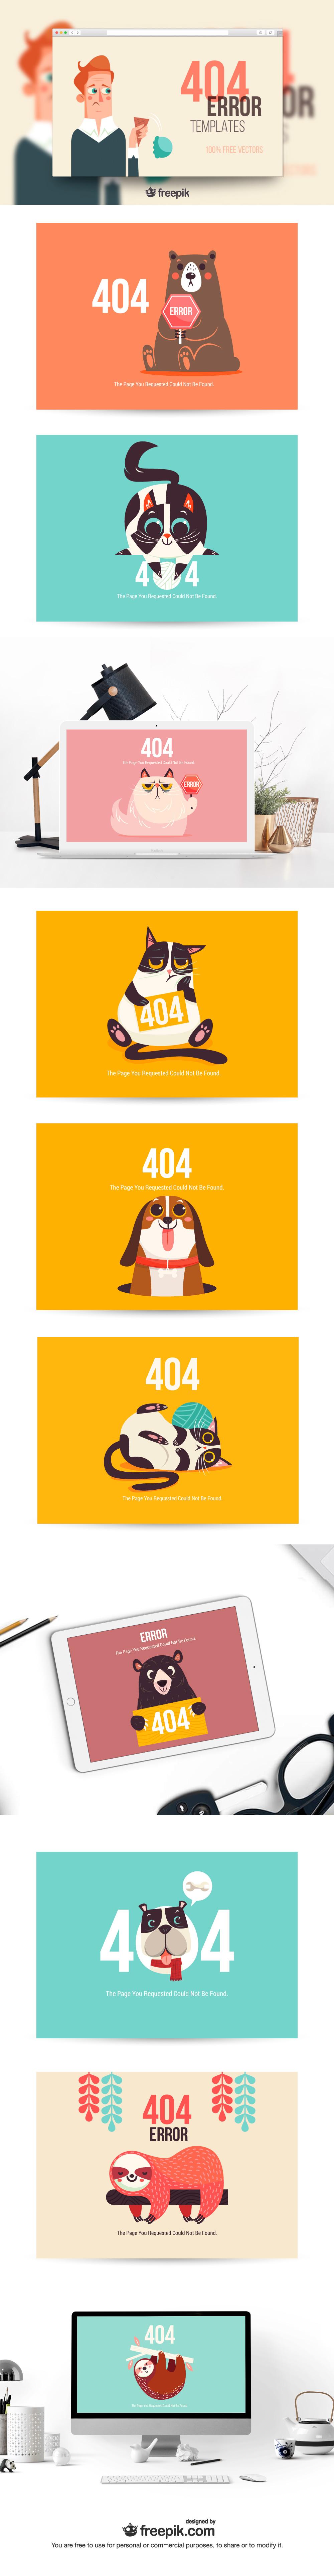 Cover-404-Error2